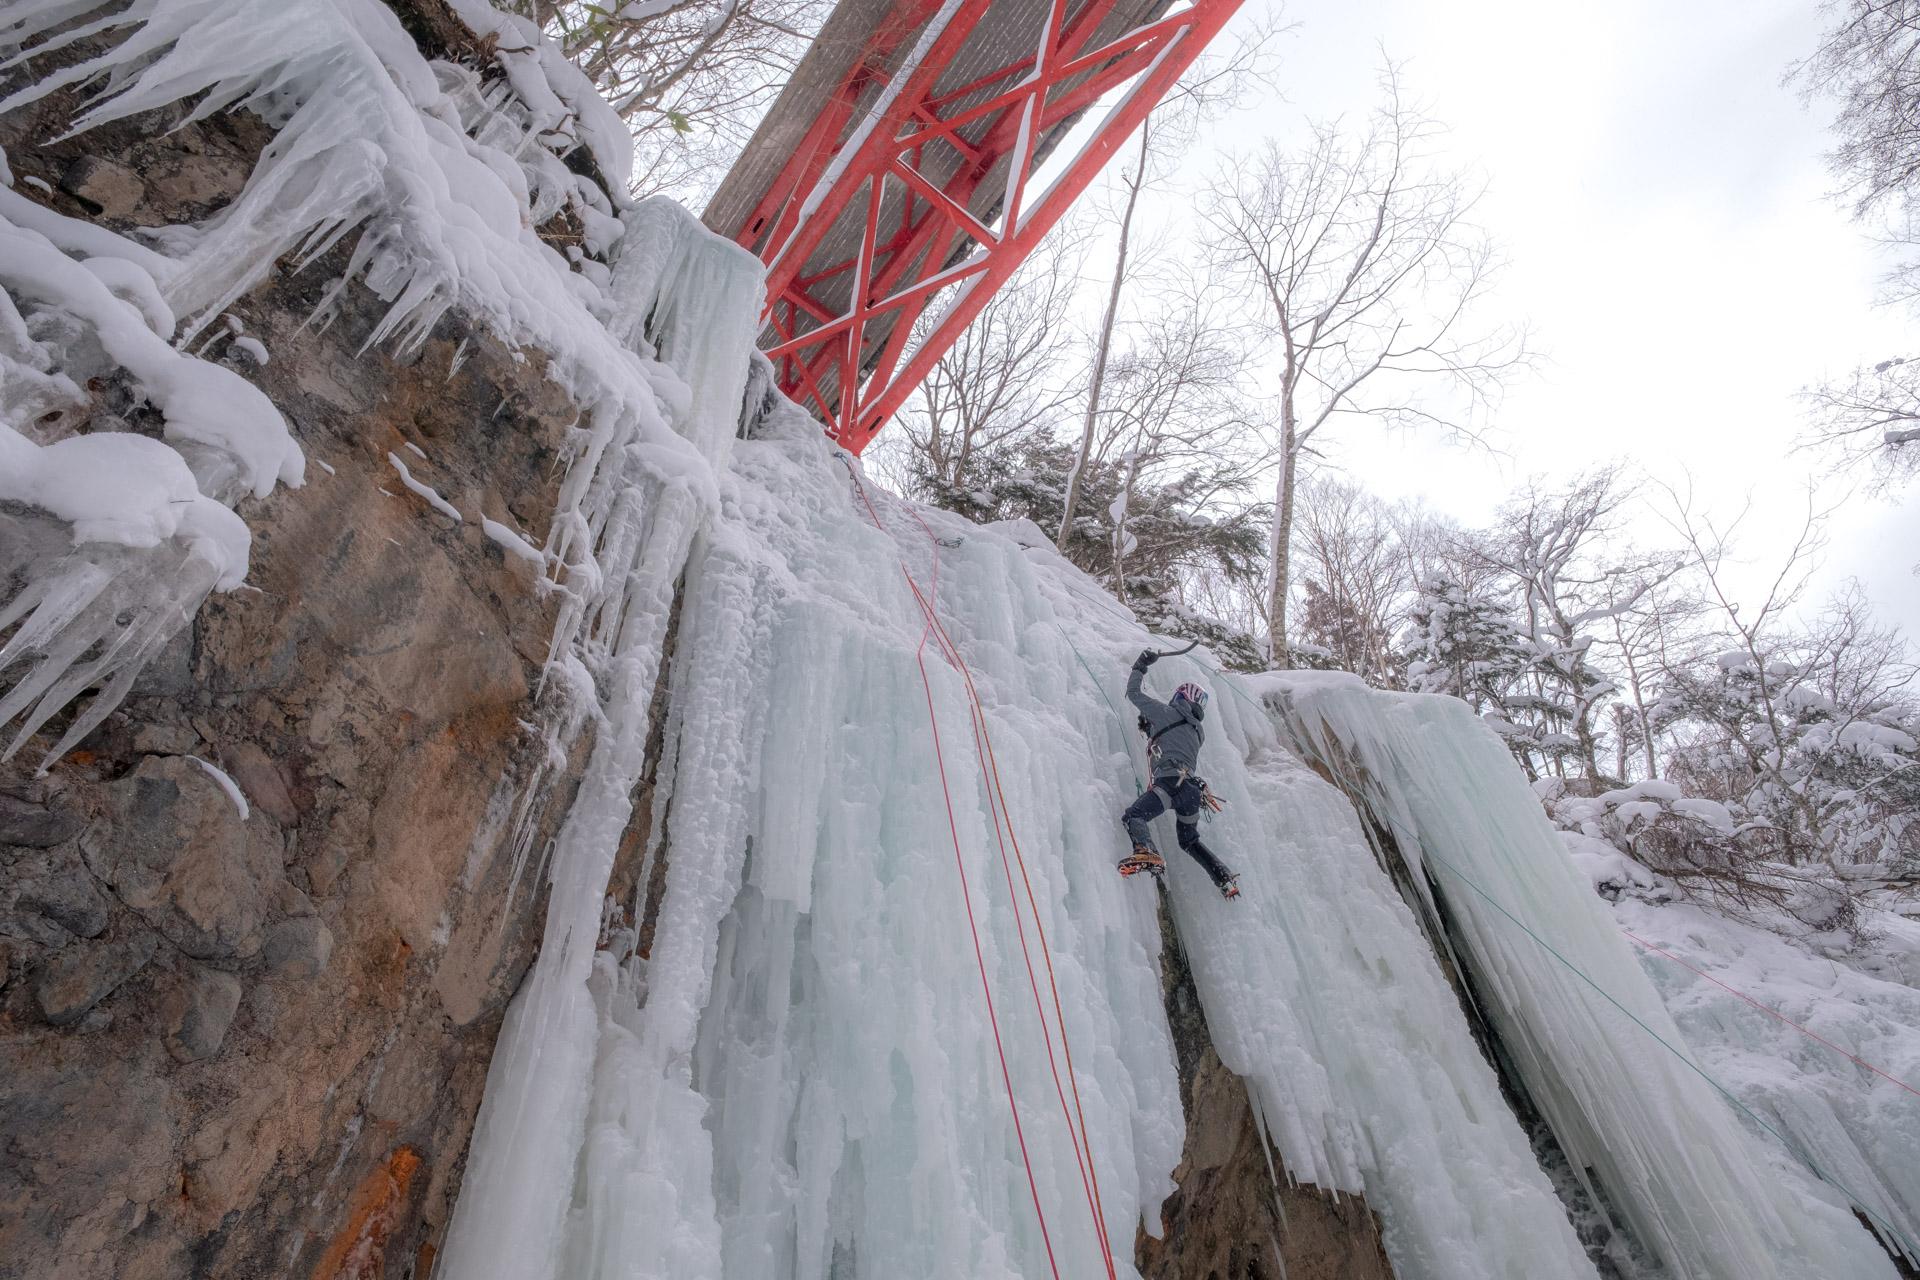 はもずしの氷をトップロープで登る